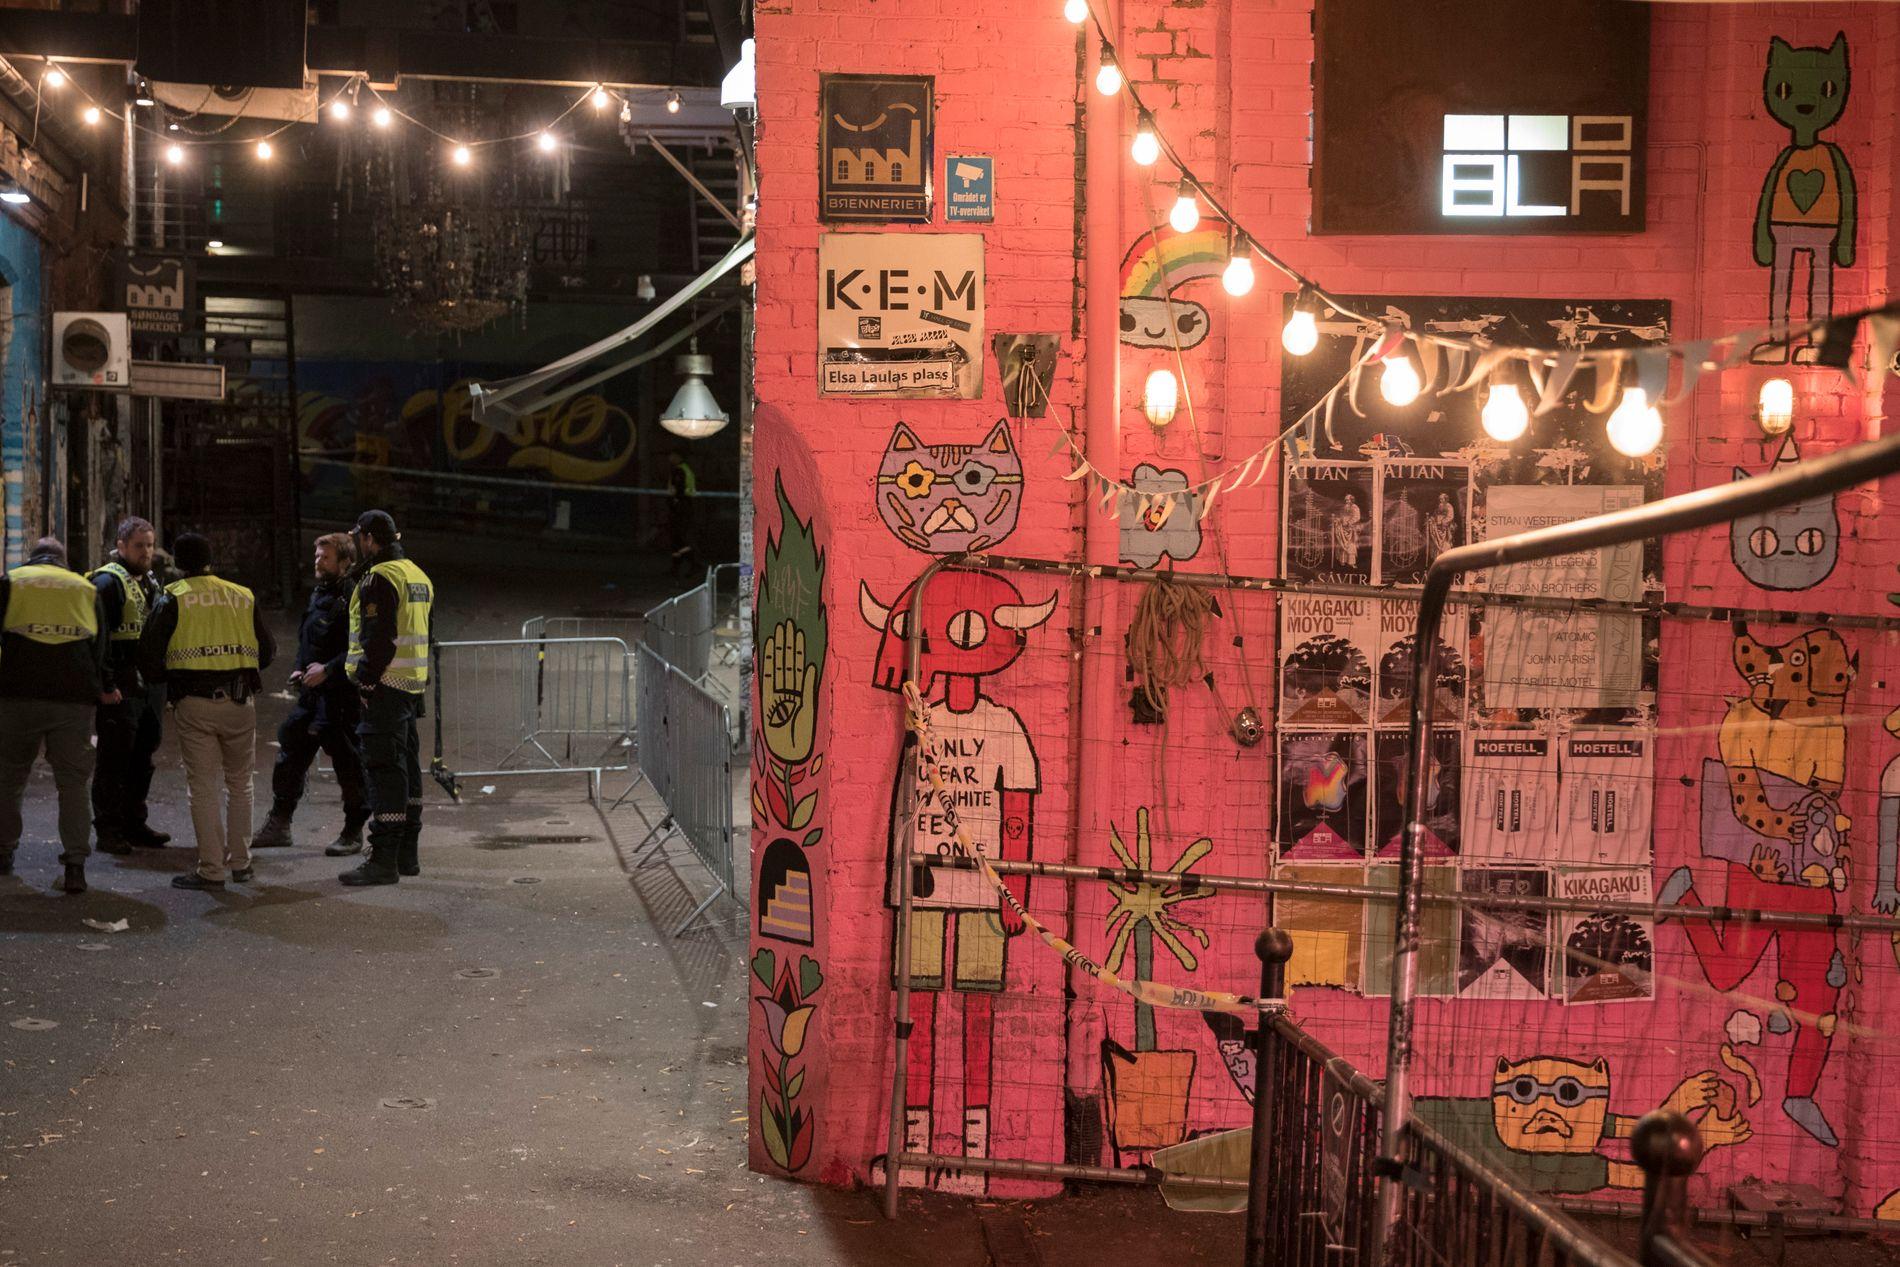 TO KNIVSTUKKET: Natt til søndag rykket politiet ut til det populære utestedet Blå i Oslo etter melding om slagsmål. To personer ble sendt til sykehus med stikkskader.